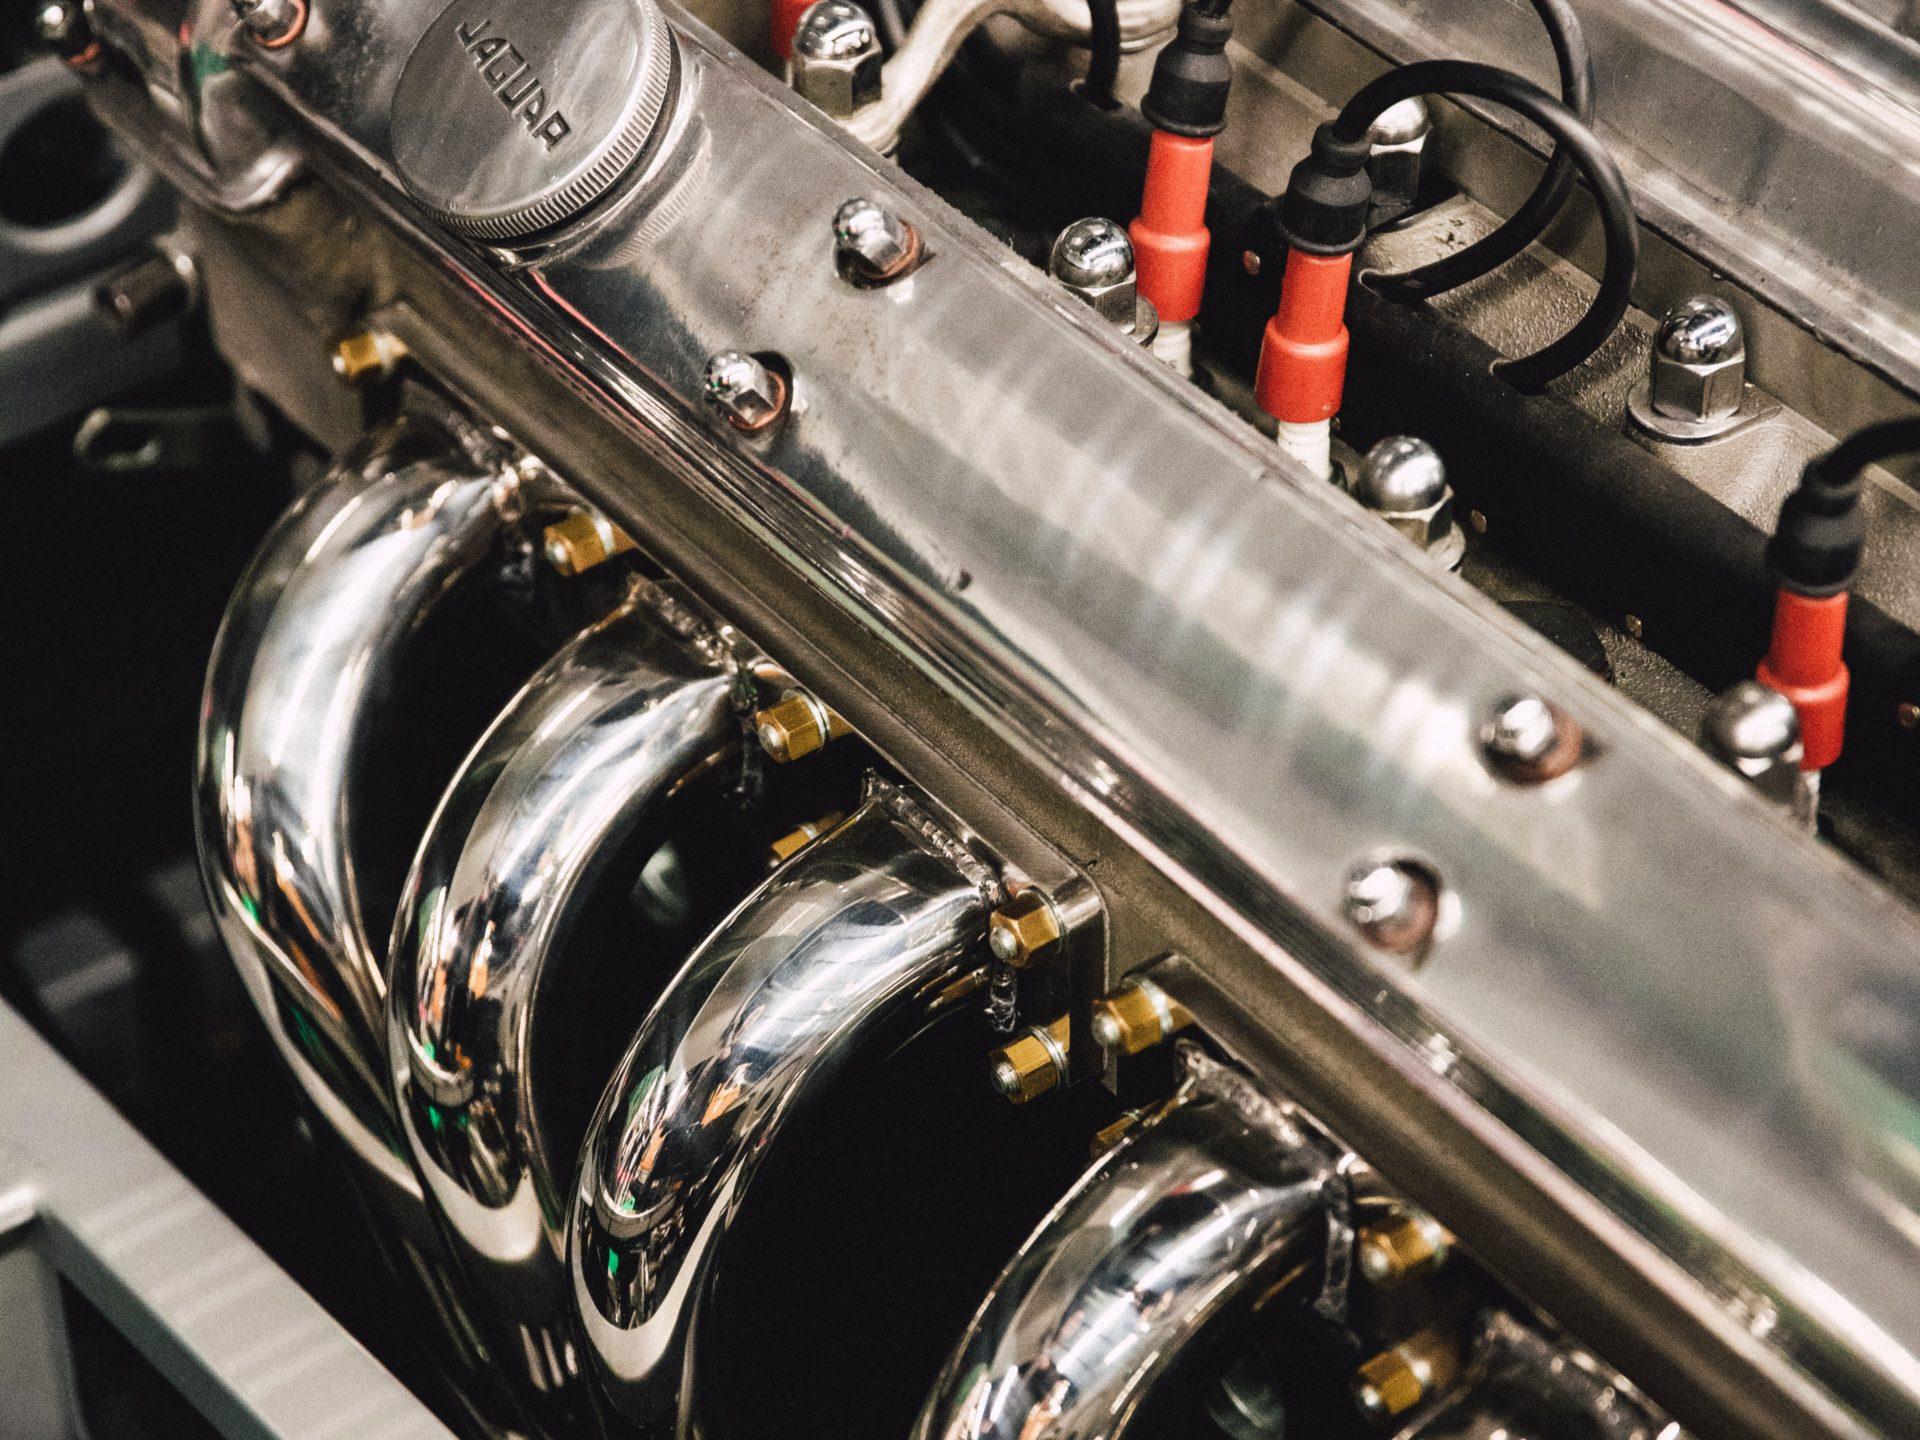 Працівник продукції на виробництво автомобільних двигунів